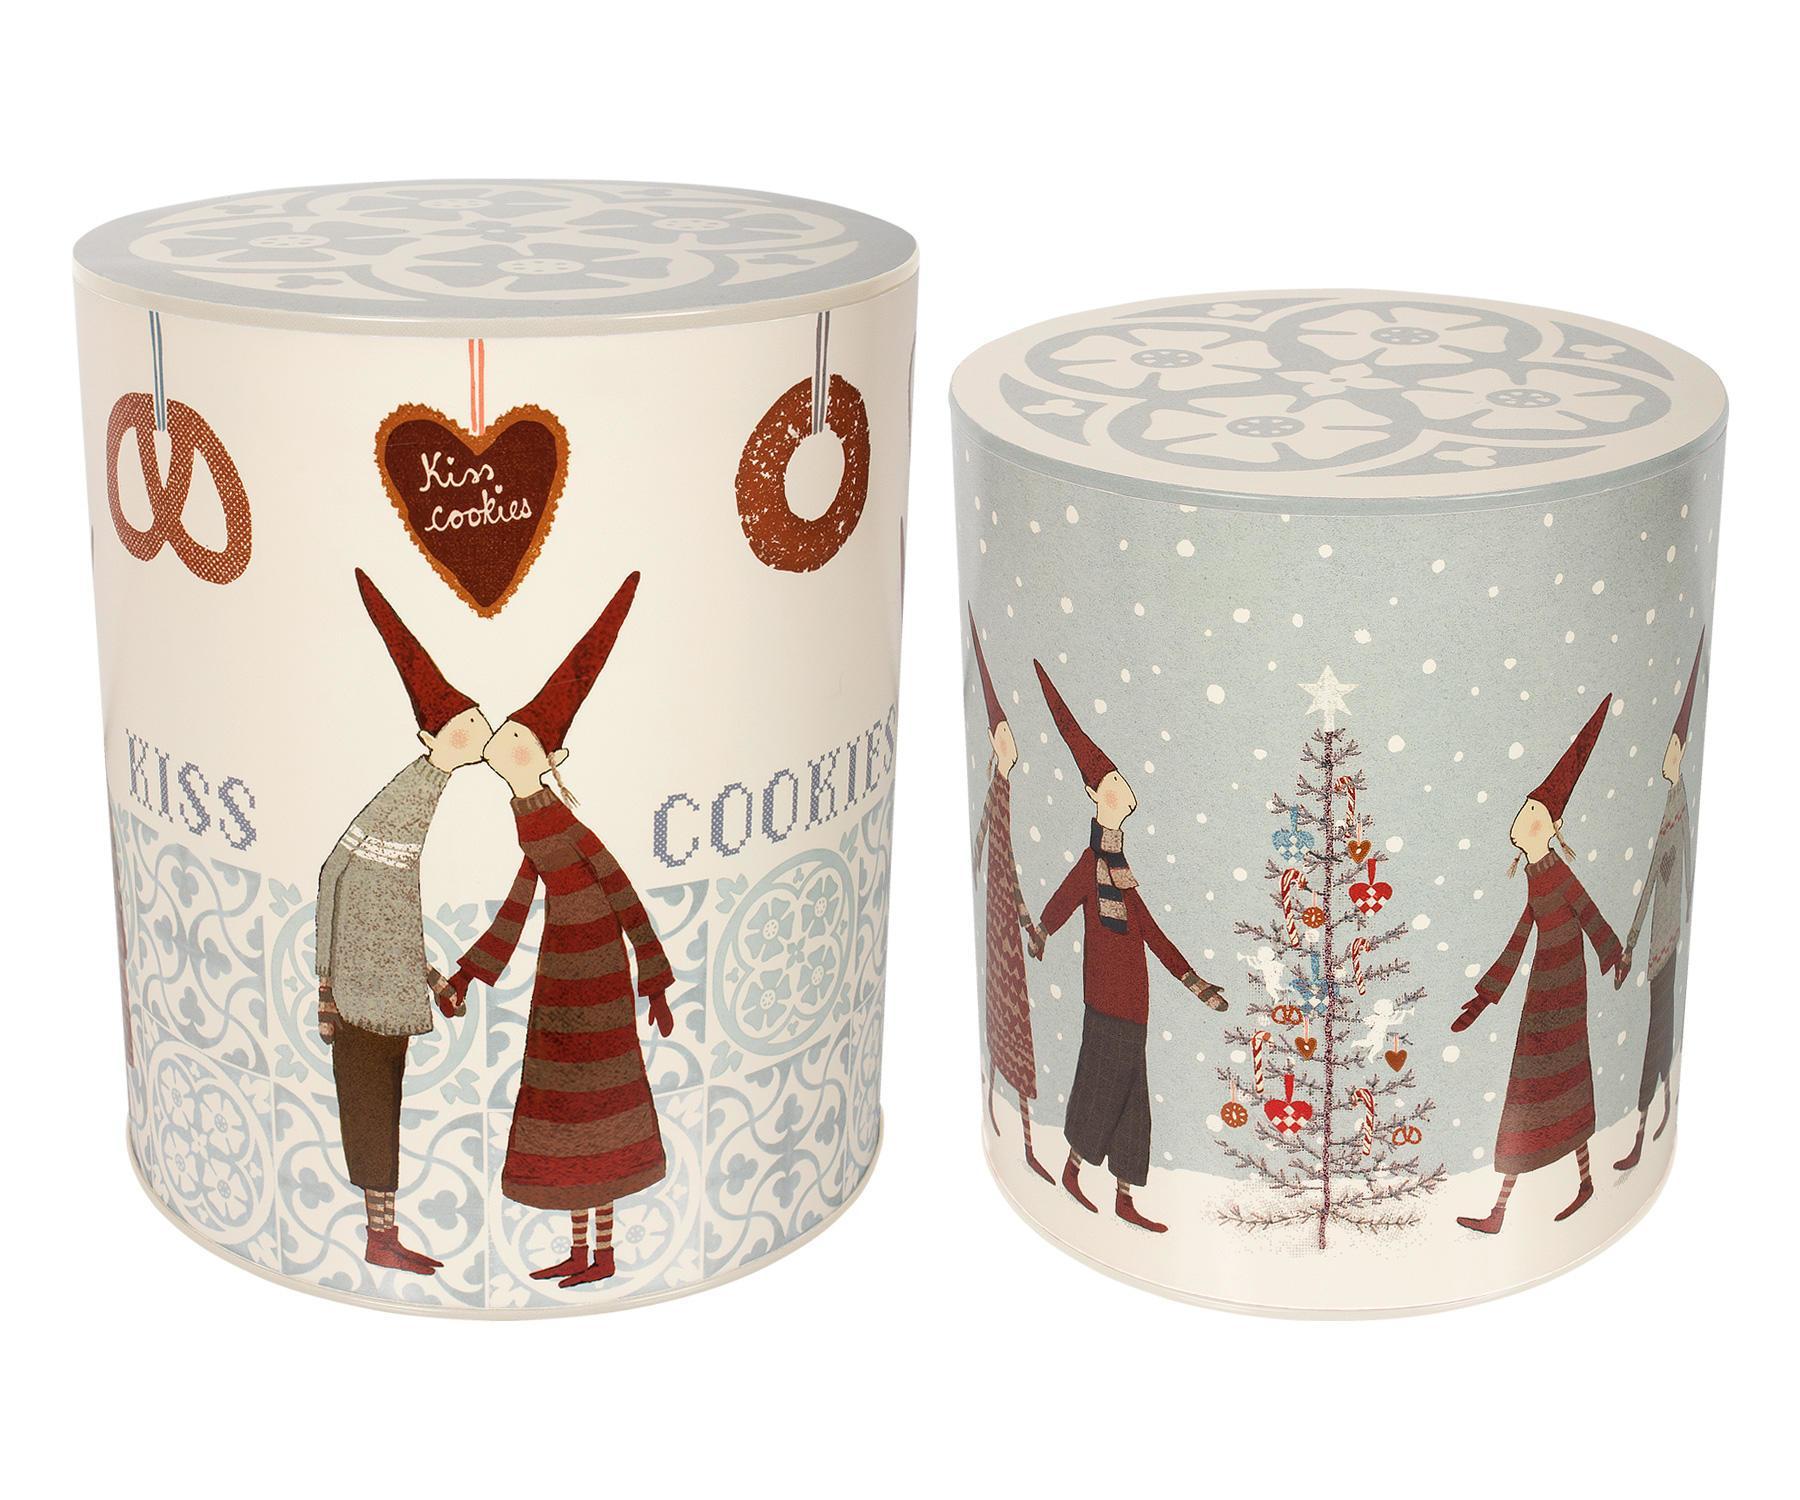 Maileg Vánoční box Pixy Cookies Menší, šedá barva, bílá barva, kov